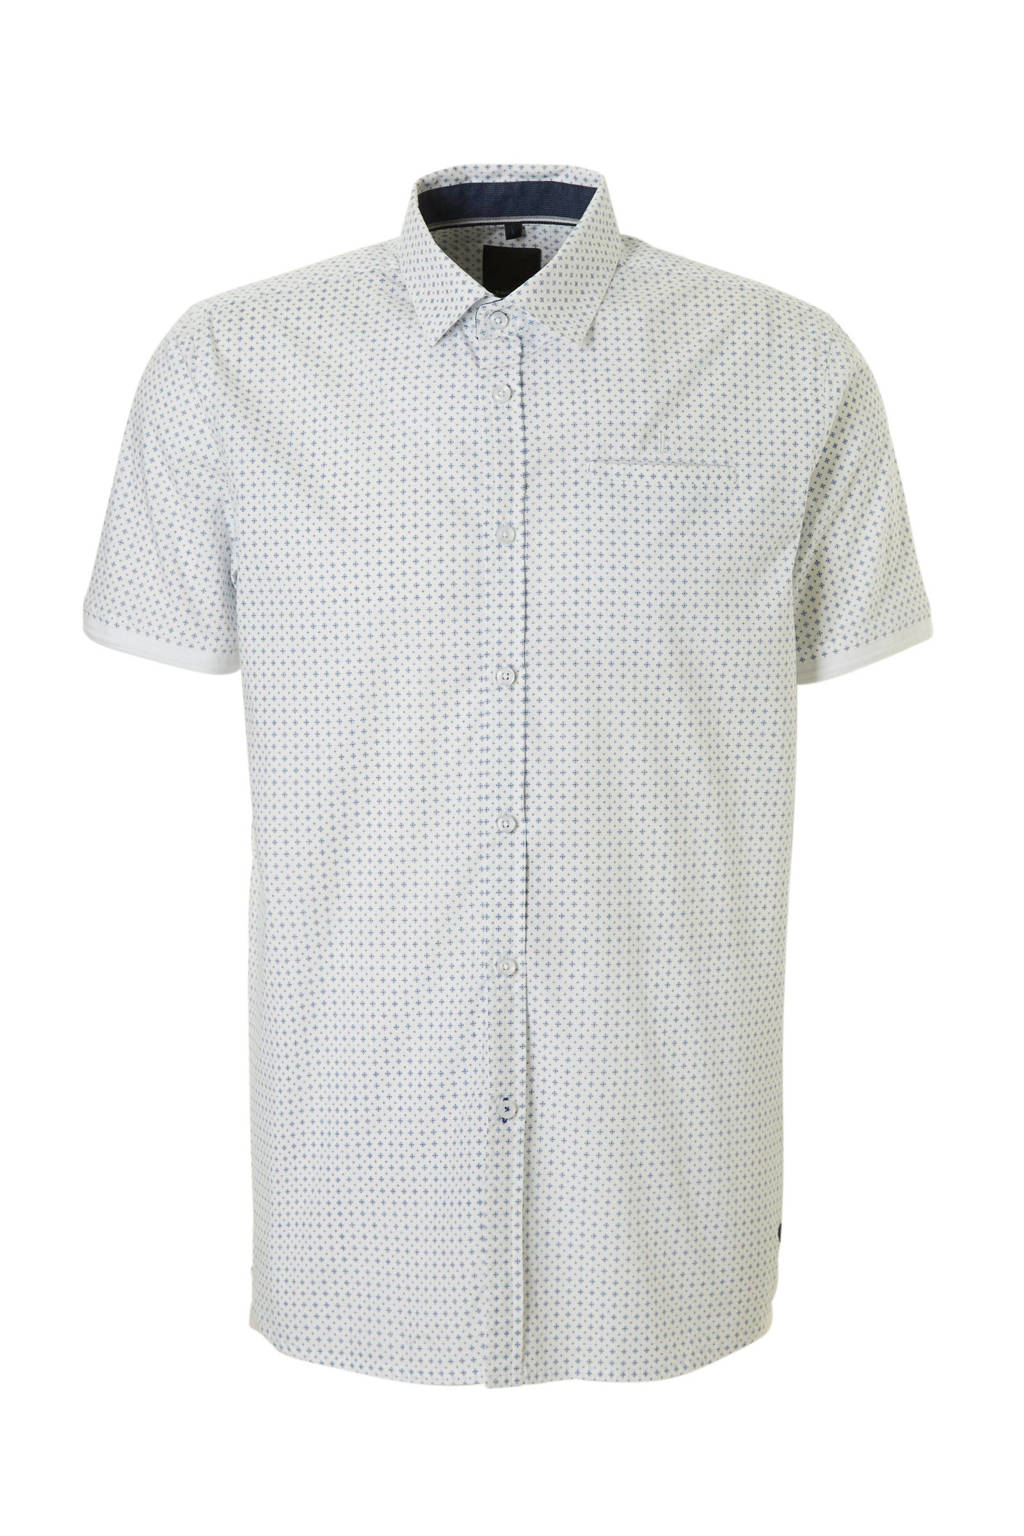 Overhemd Wit Korte Mouw.Twinlife Overhemd Korte Mouw Wehkamp